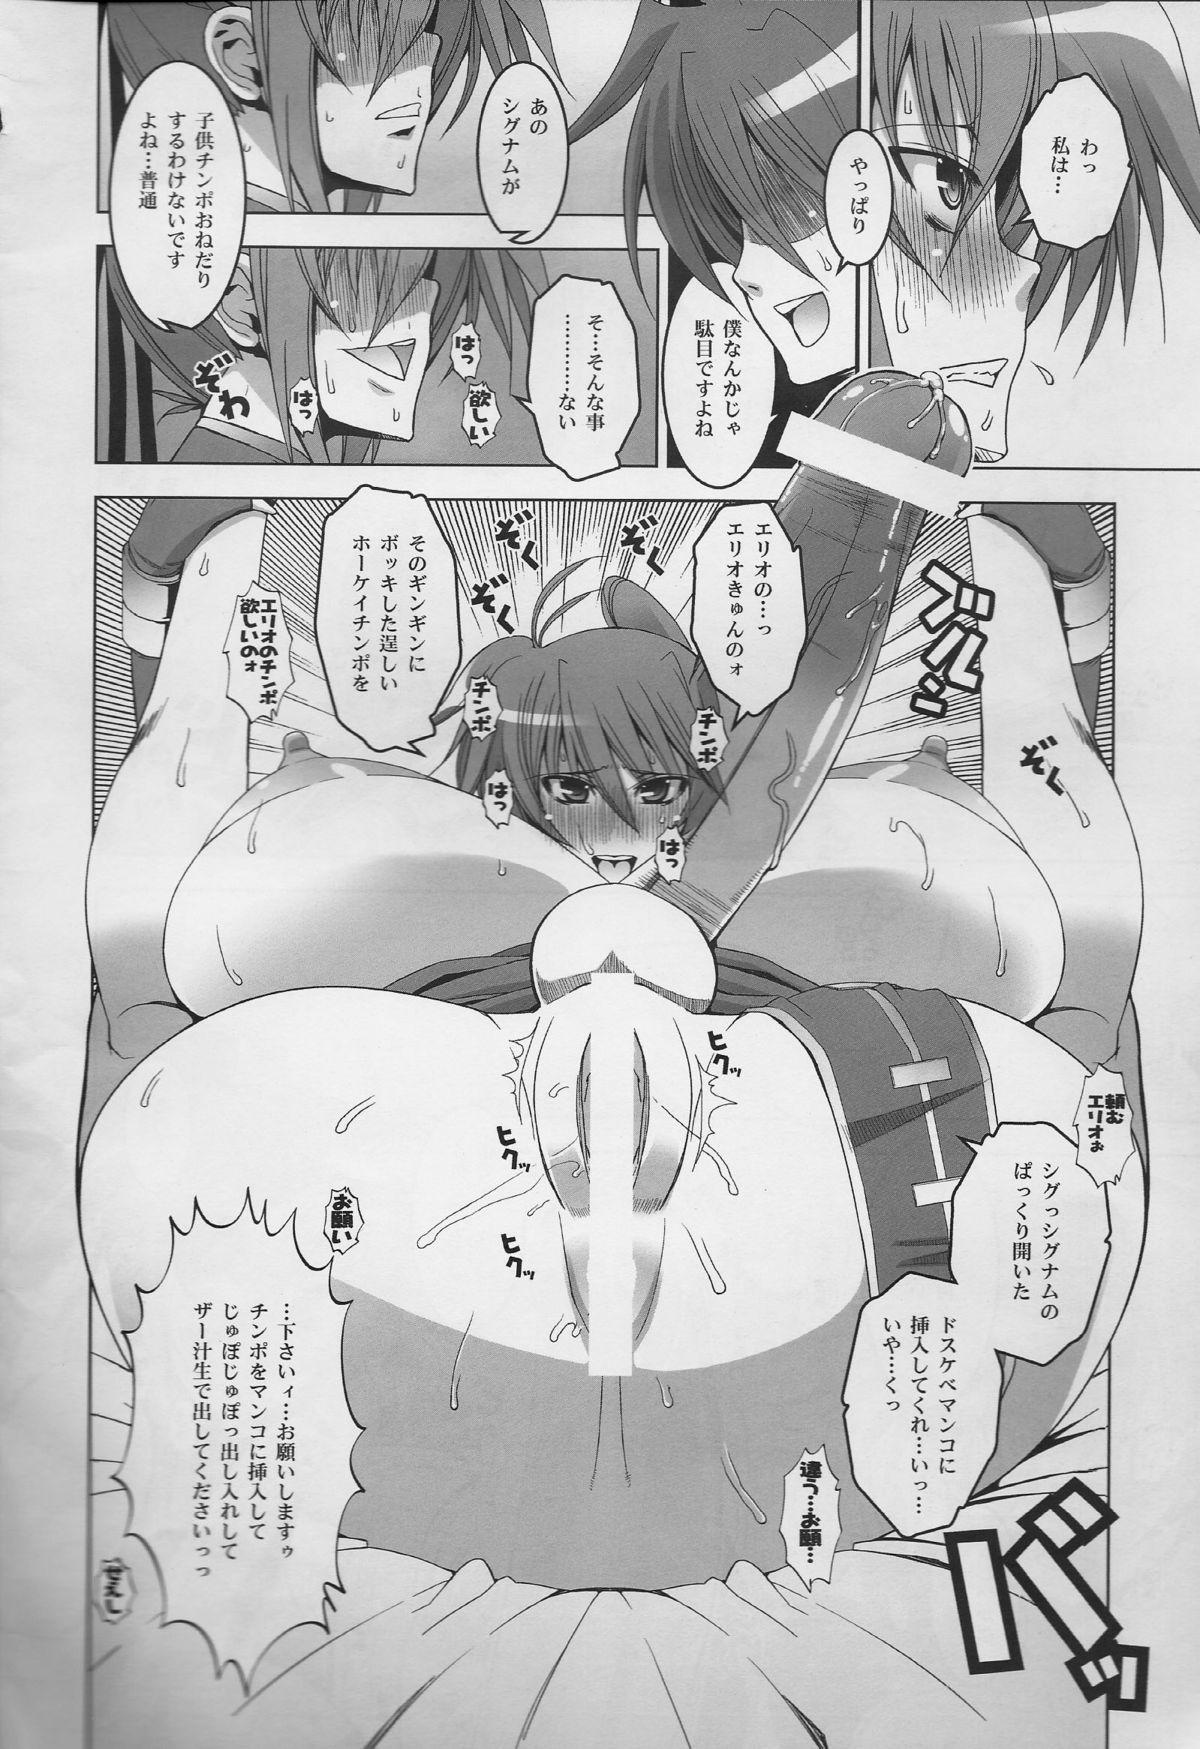 (C78) [HGH (HG Chagawa)] PG -PLEATED GUNNER- #21 - Senshi to Senshi to Otokonoko (Mahou Shoujo Lyrical Nanoha) 13